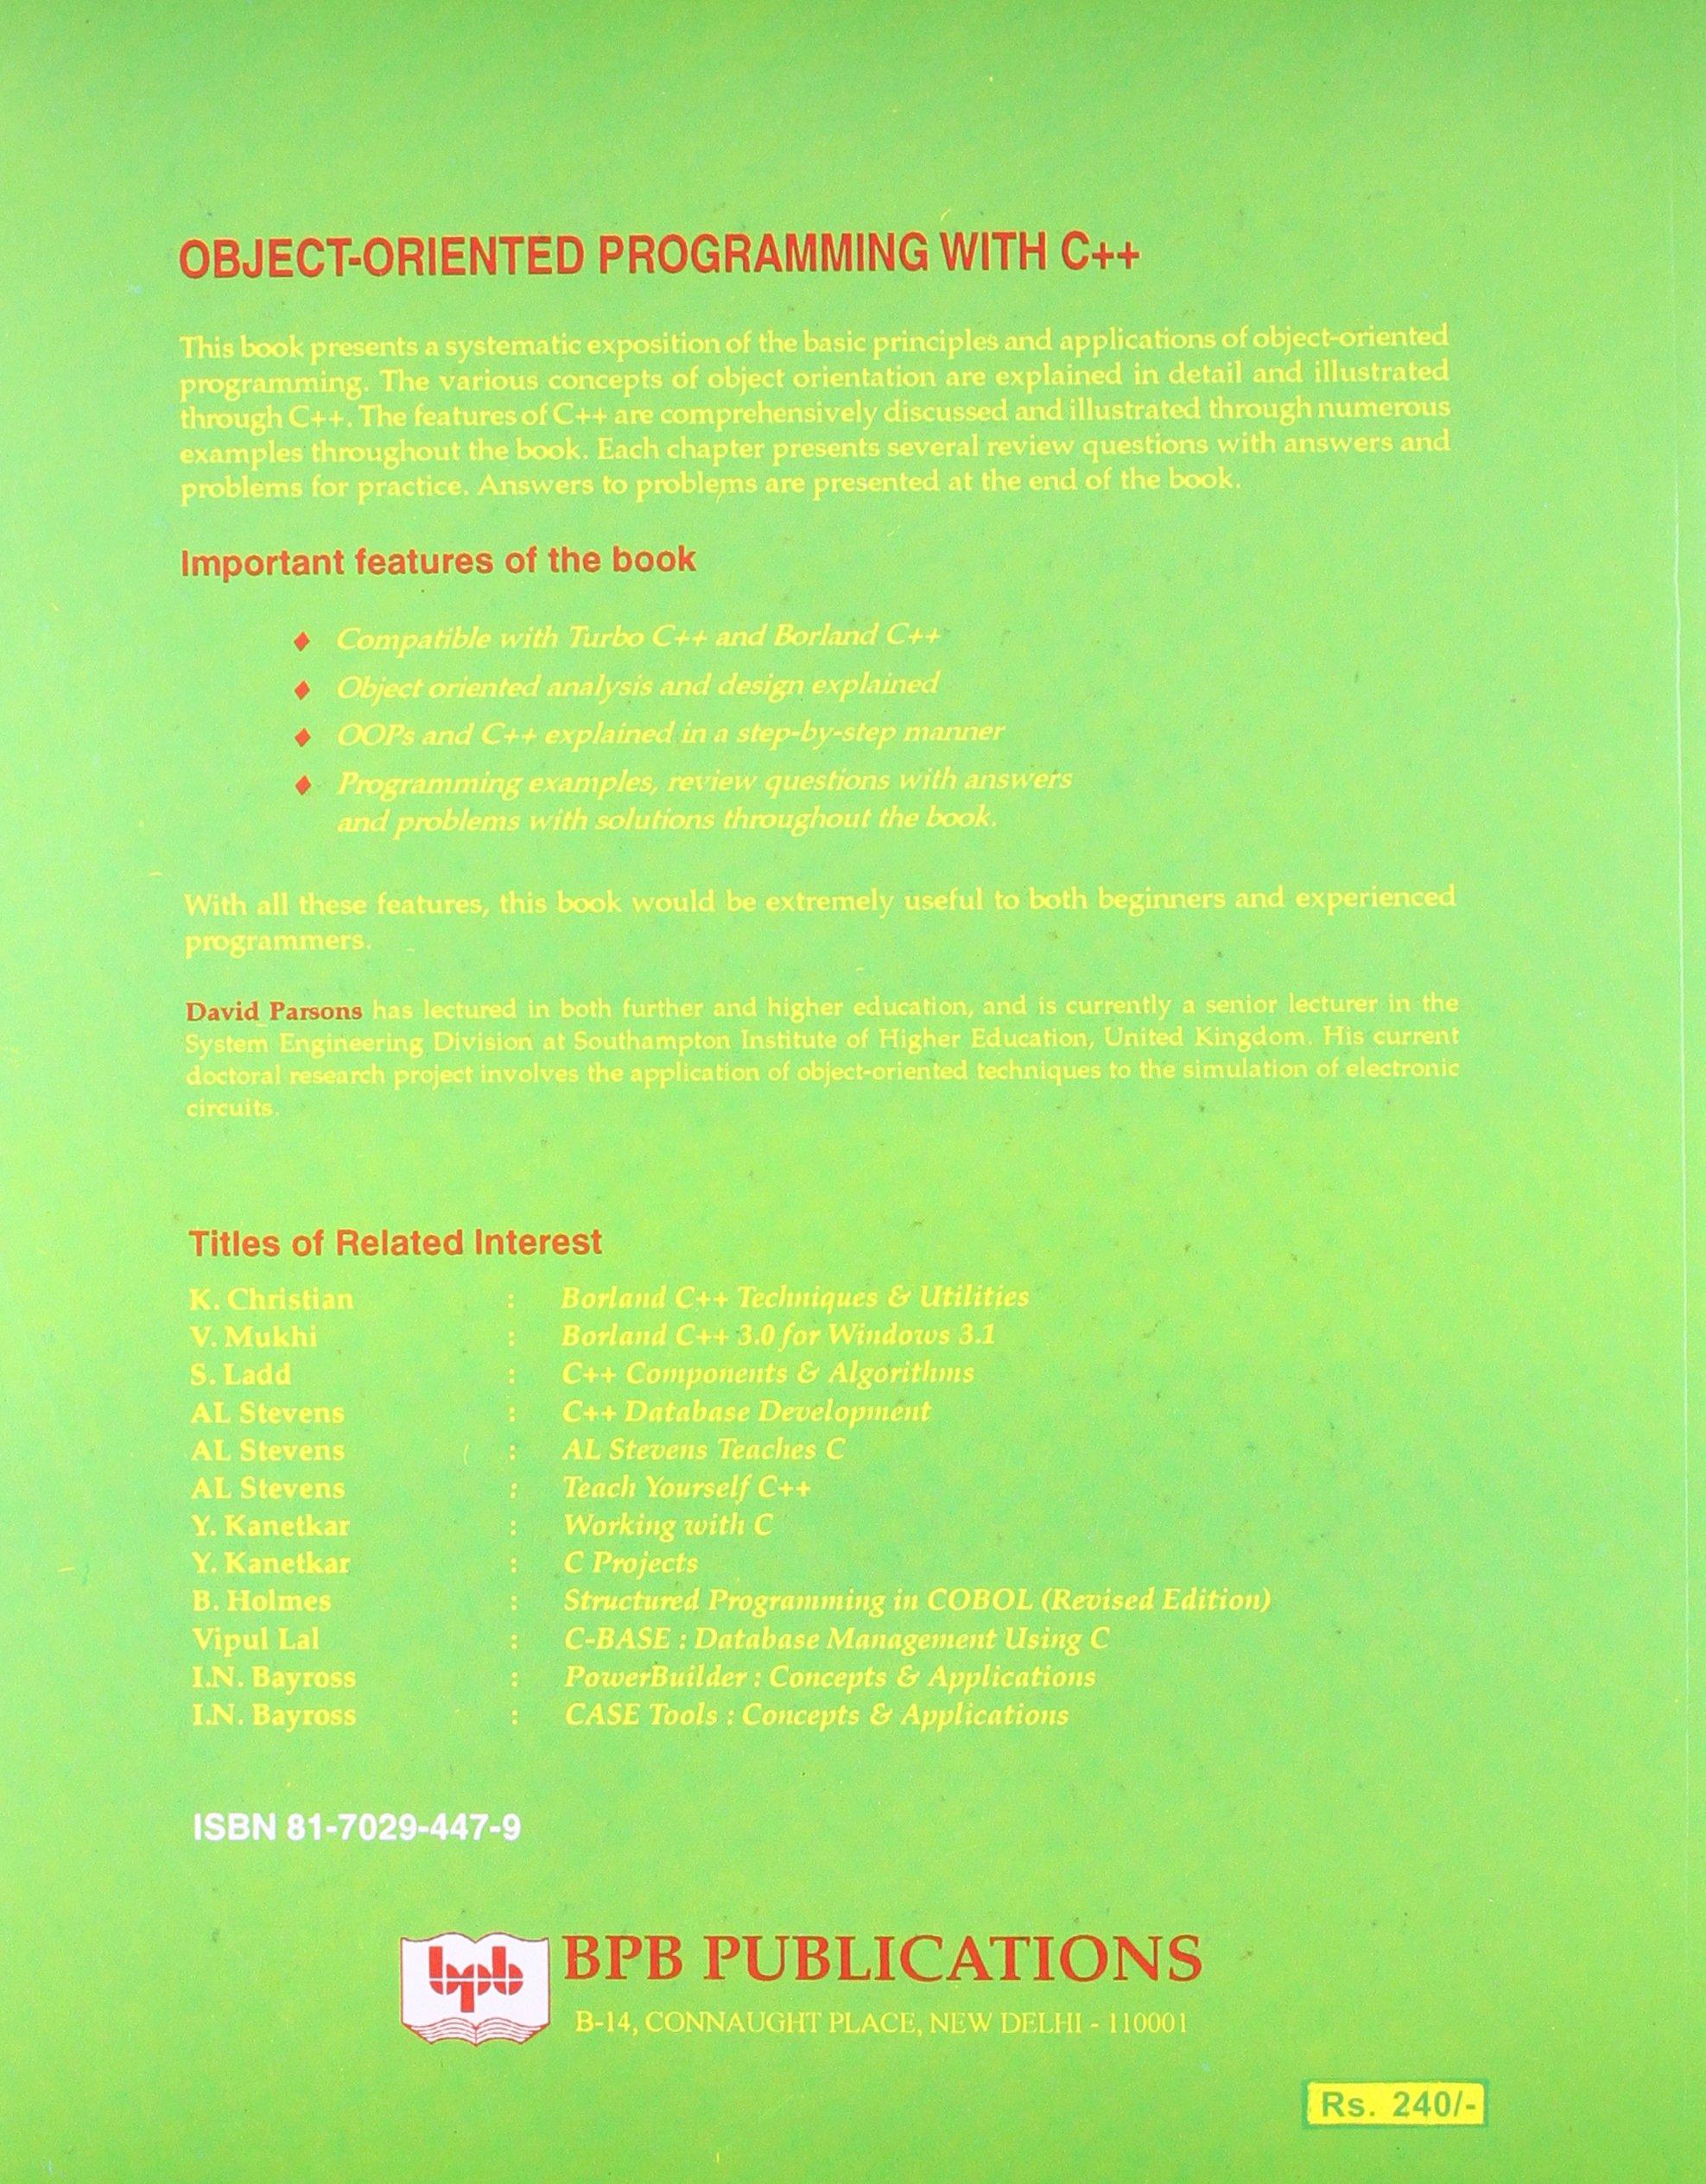 Object Oriented Programming with C++: Amazon.es: David Parsons: Libros en idiomas extranjeros